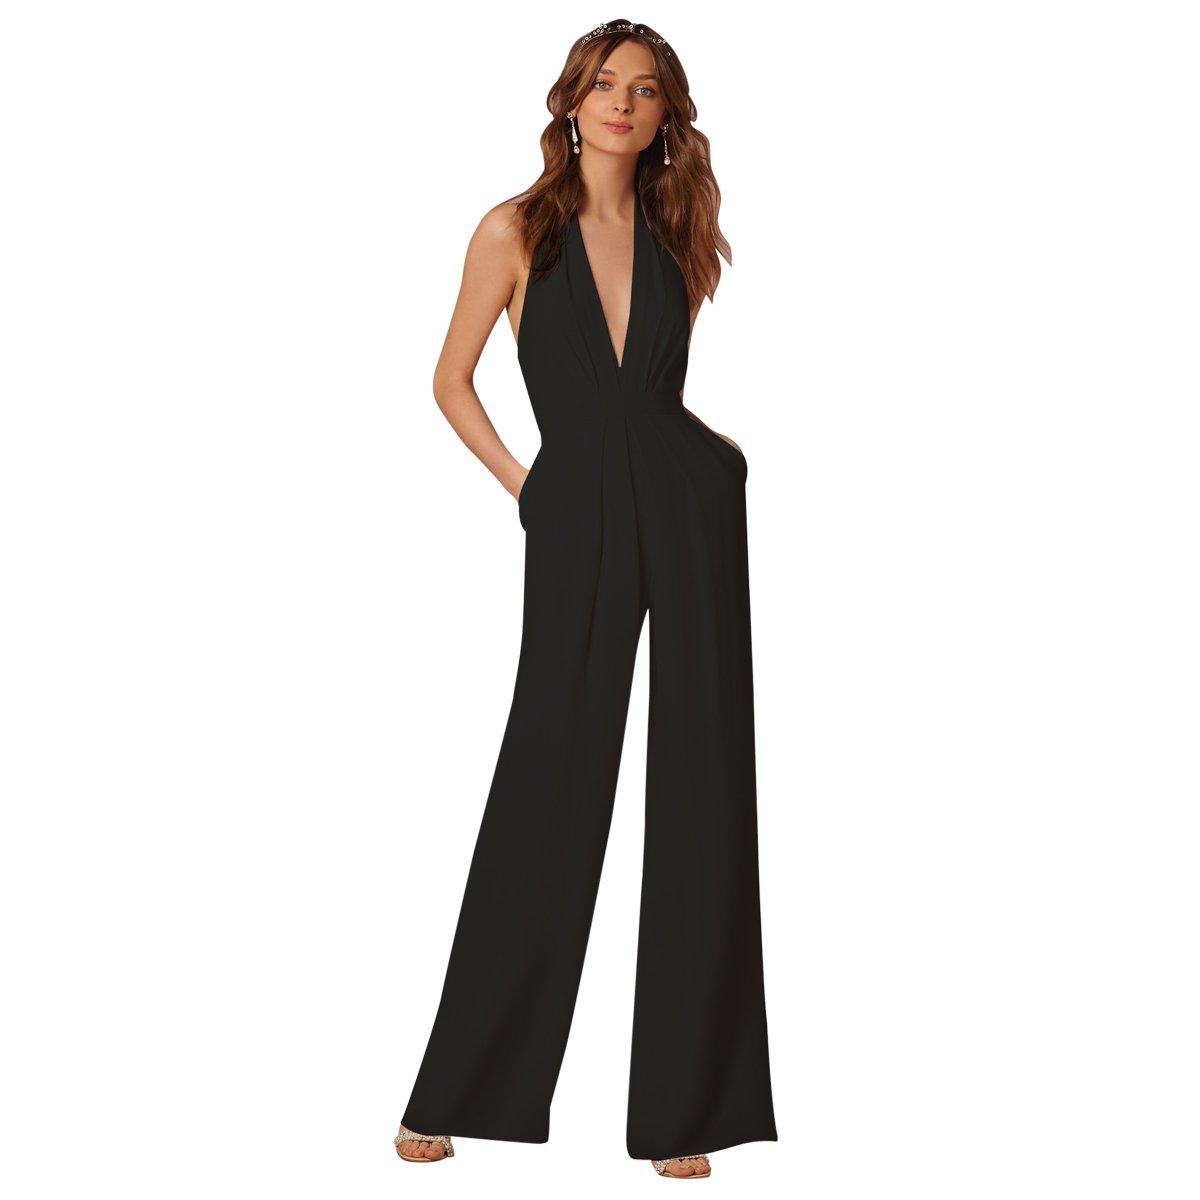 IBTOM CASTLE Womens Jumpsuits Elegant Button Loose Long Wide Leg Jumpsuits Romper Black M